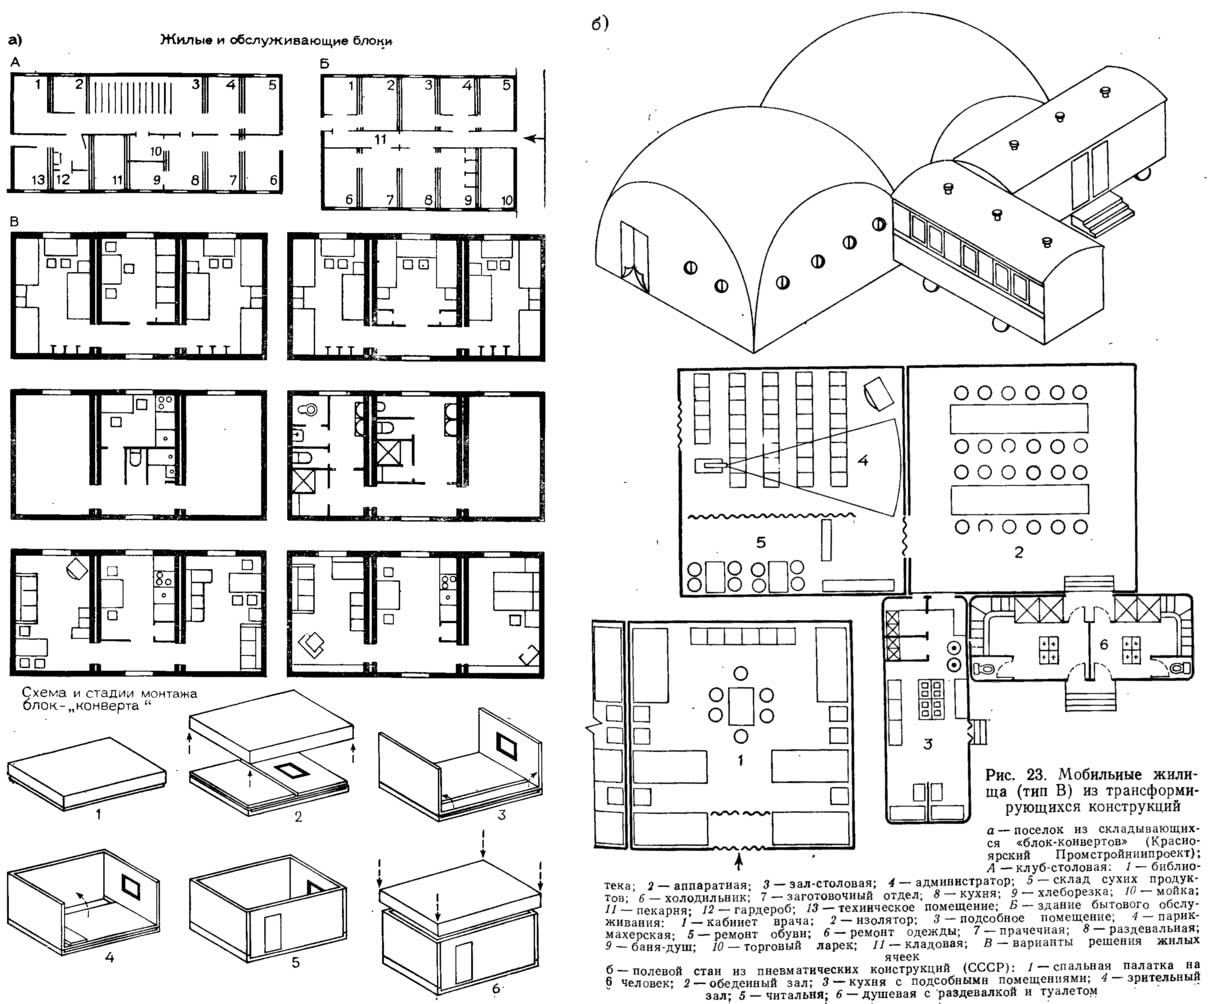 Рис. 23. Мобильные жилища (тип В) из трансформирующихся конструкций